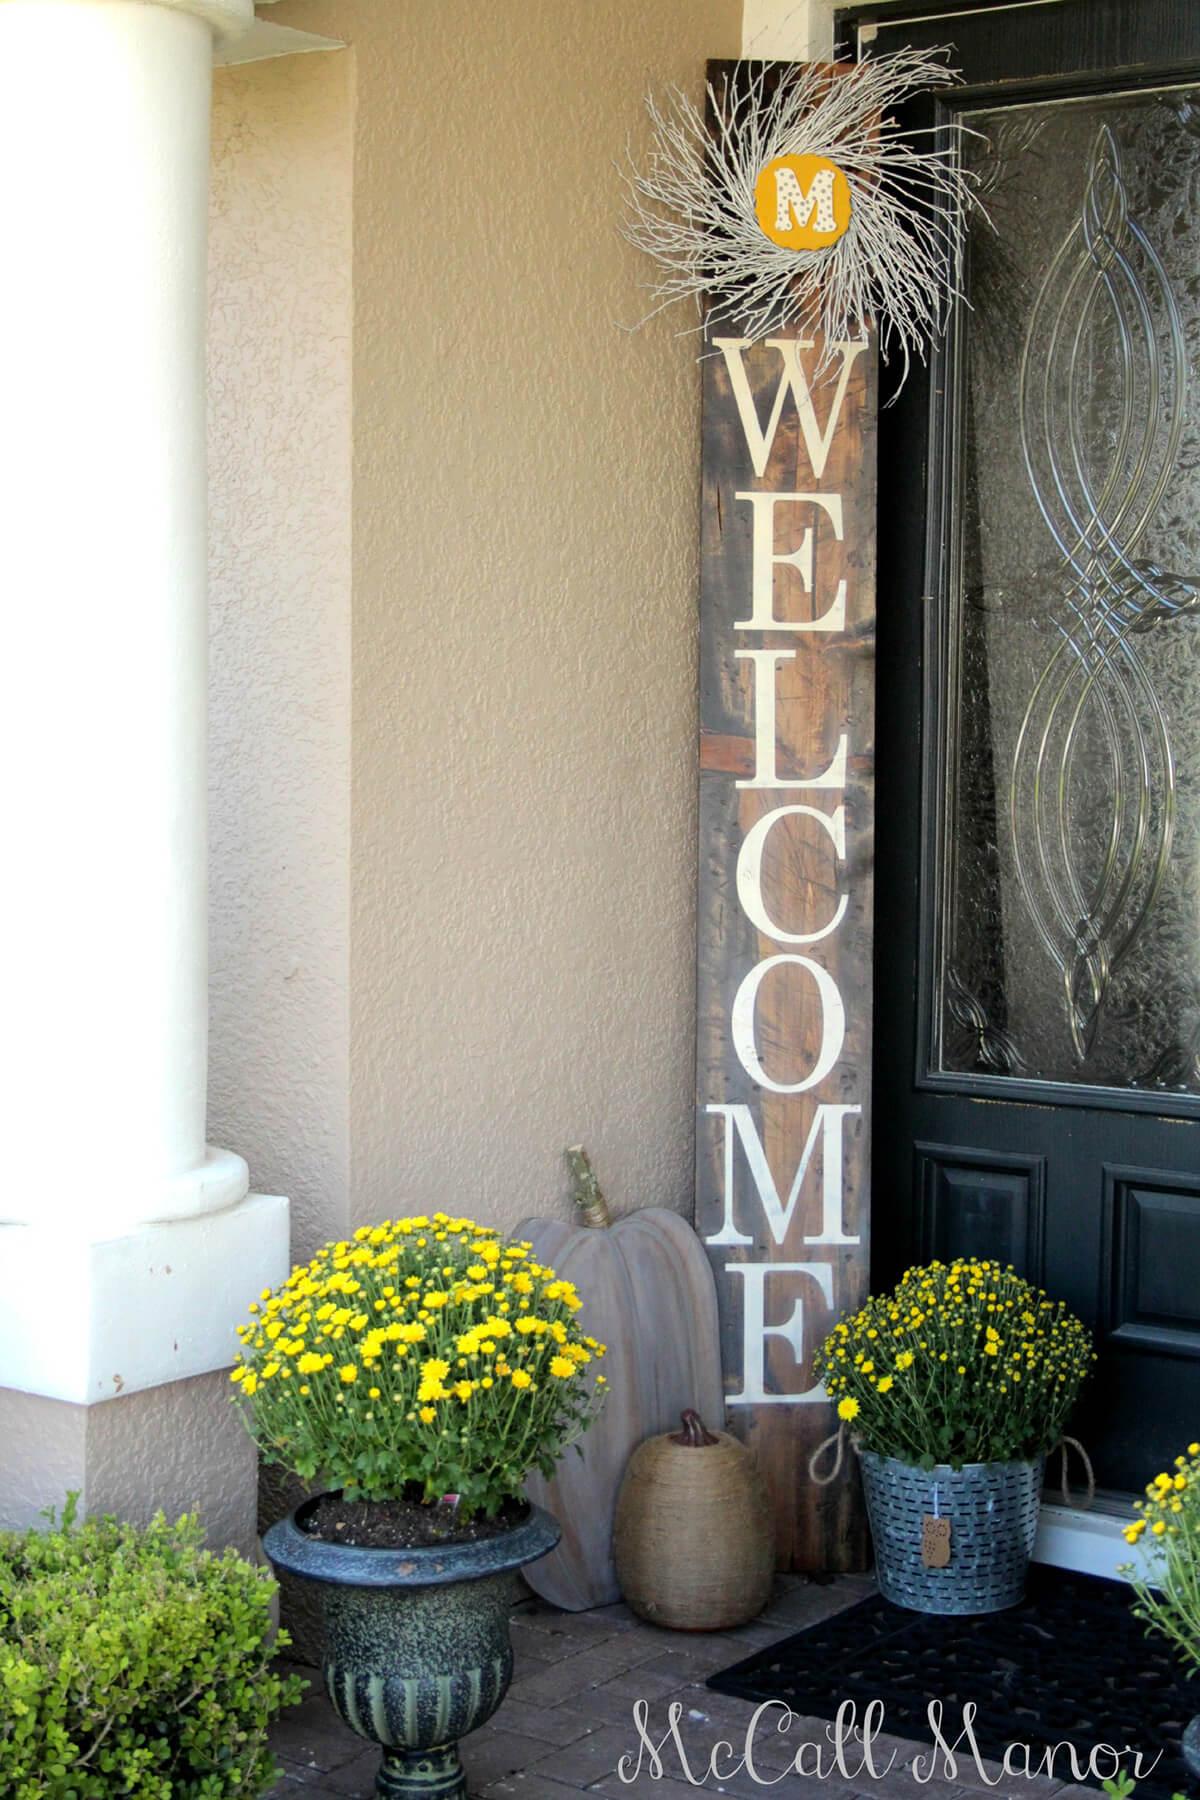 Decorare l 39 ingresso di casa con il fai da te ecco 20 idee creative - Decorare casa fai da te ...